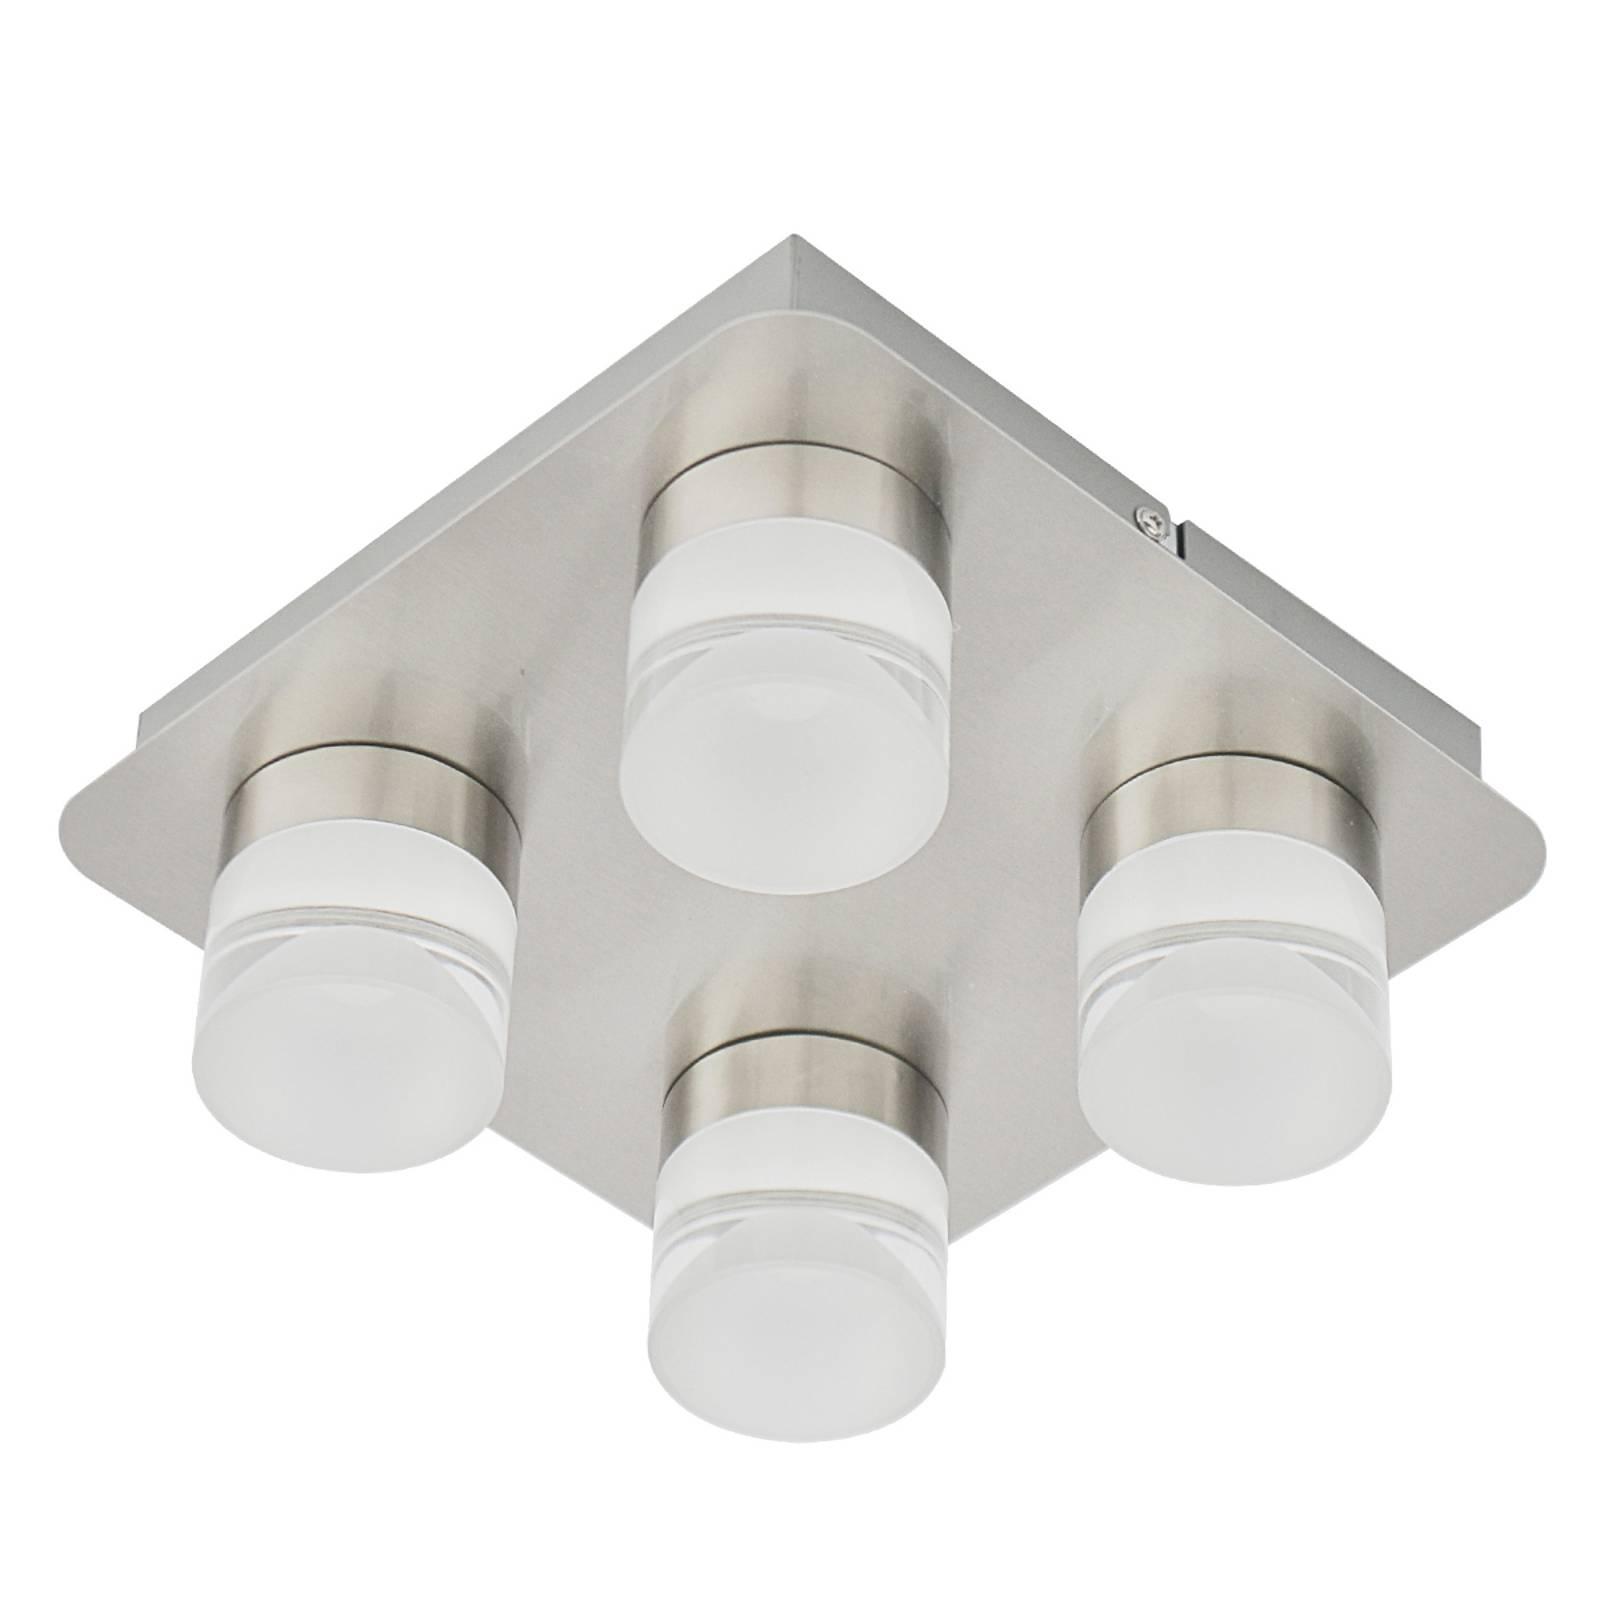 Plafondlamp Stefanie met vier Led-lichtbronnen